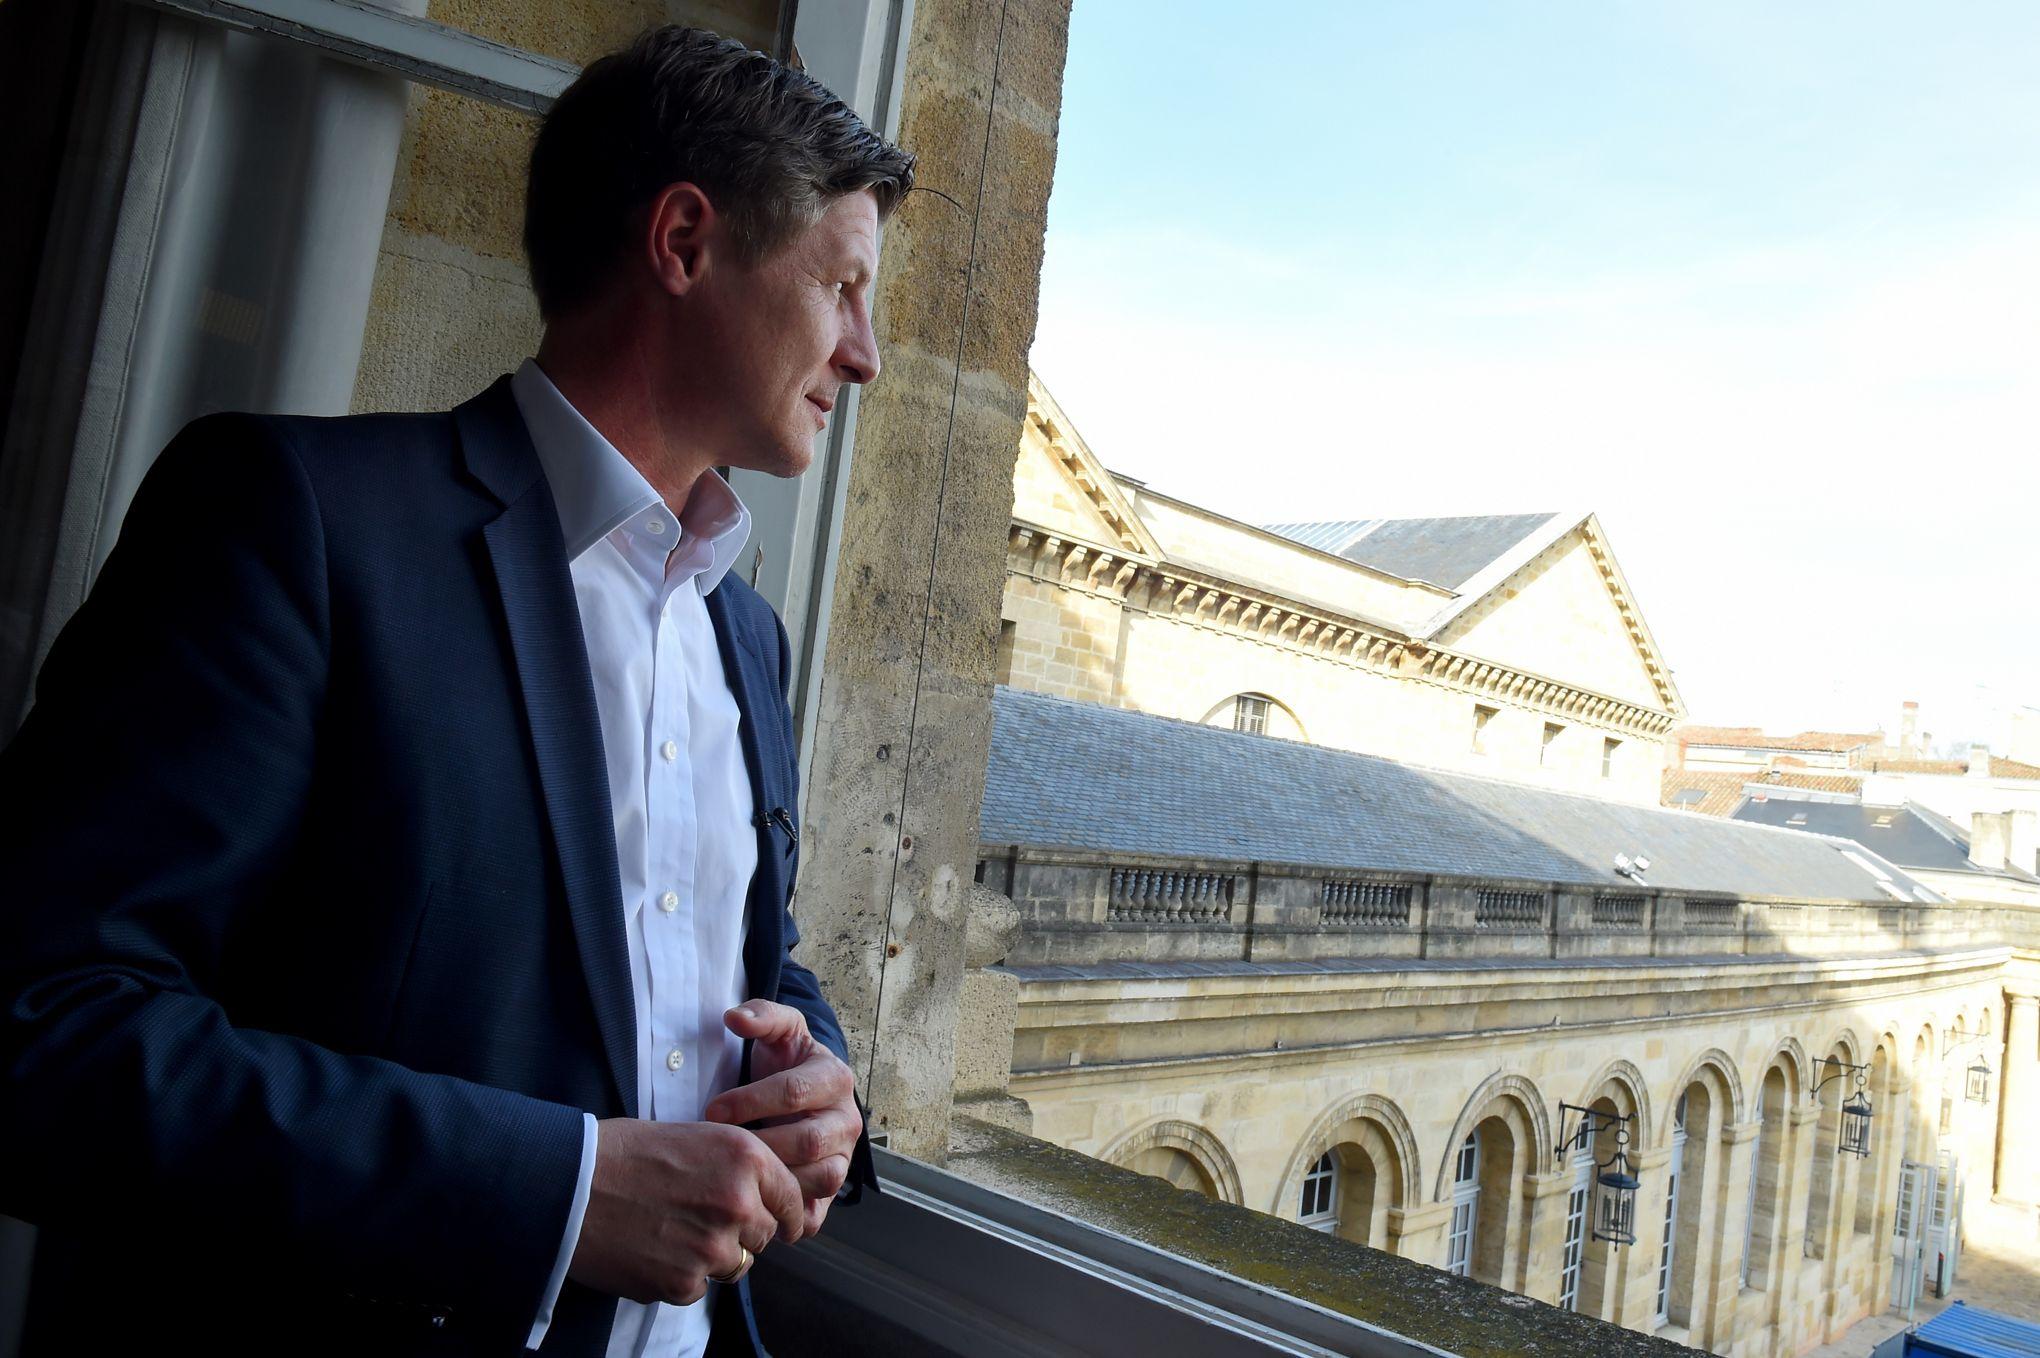 À Bordeaux, un électorat convoité pour une élection sans Alain Juppé